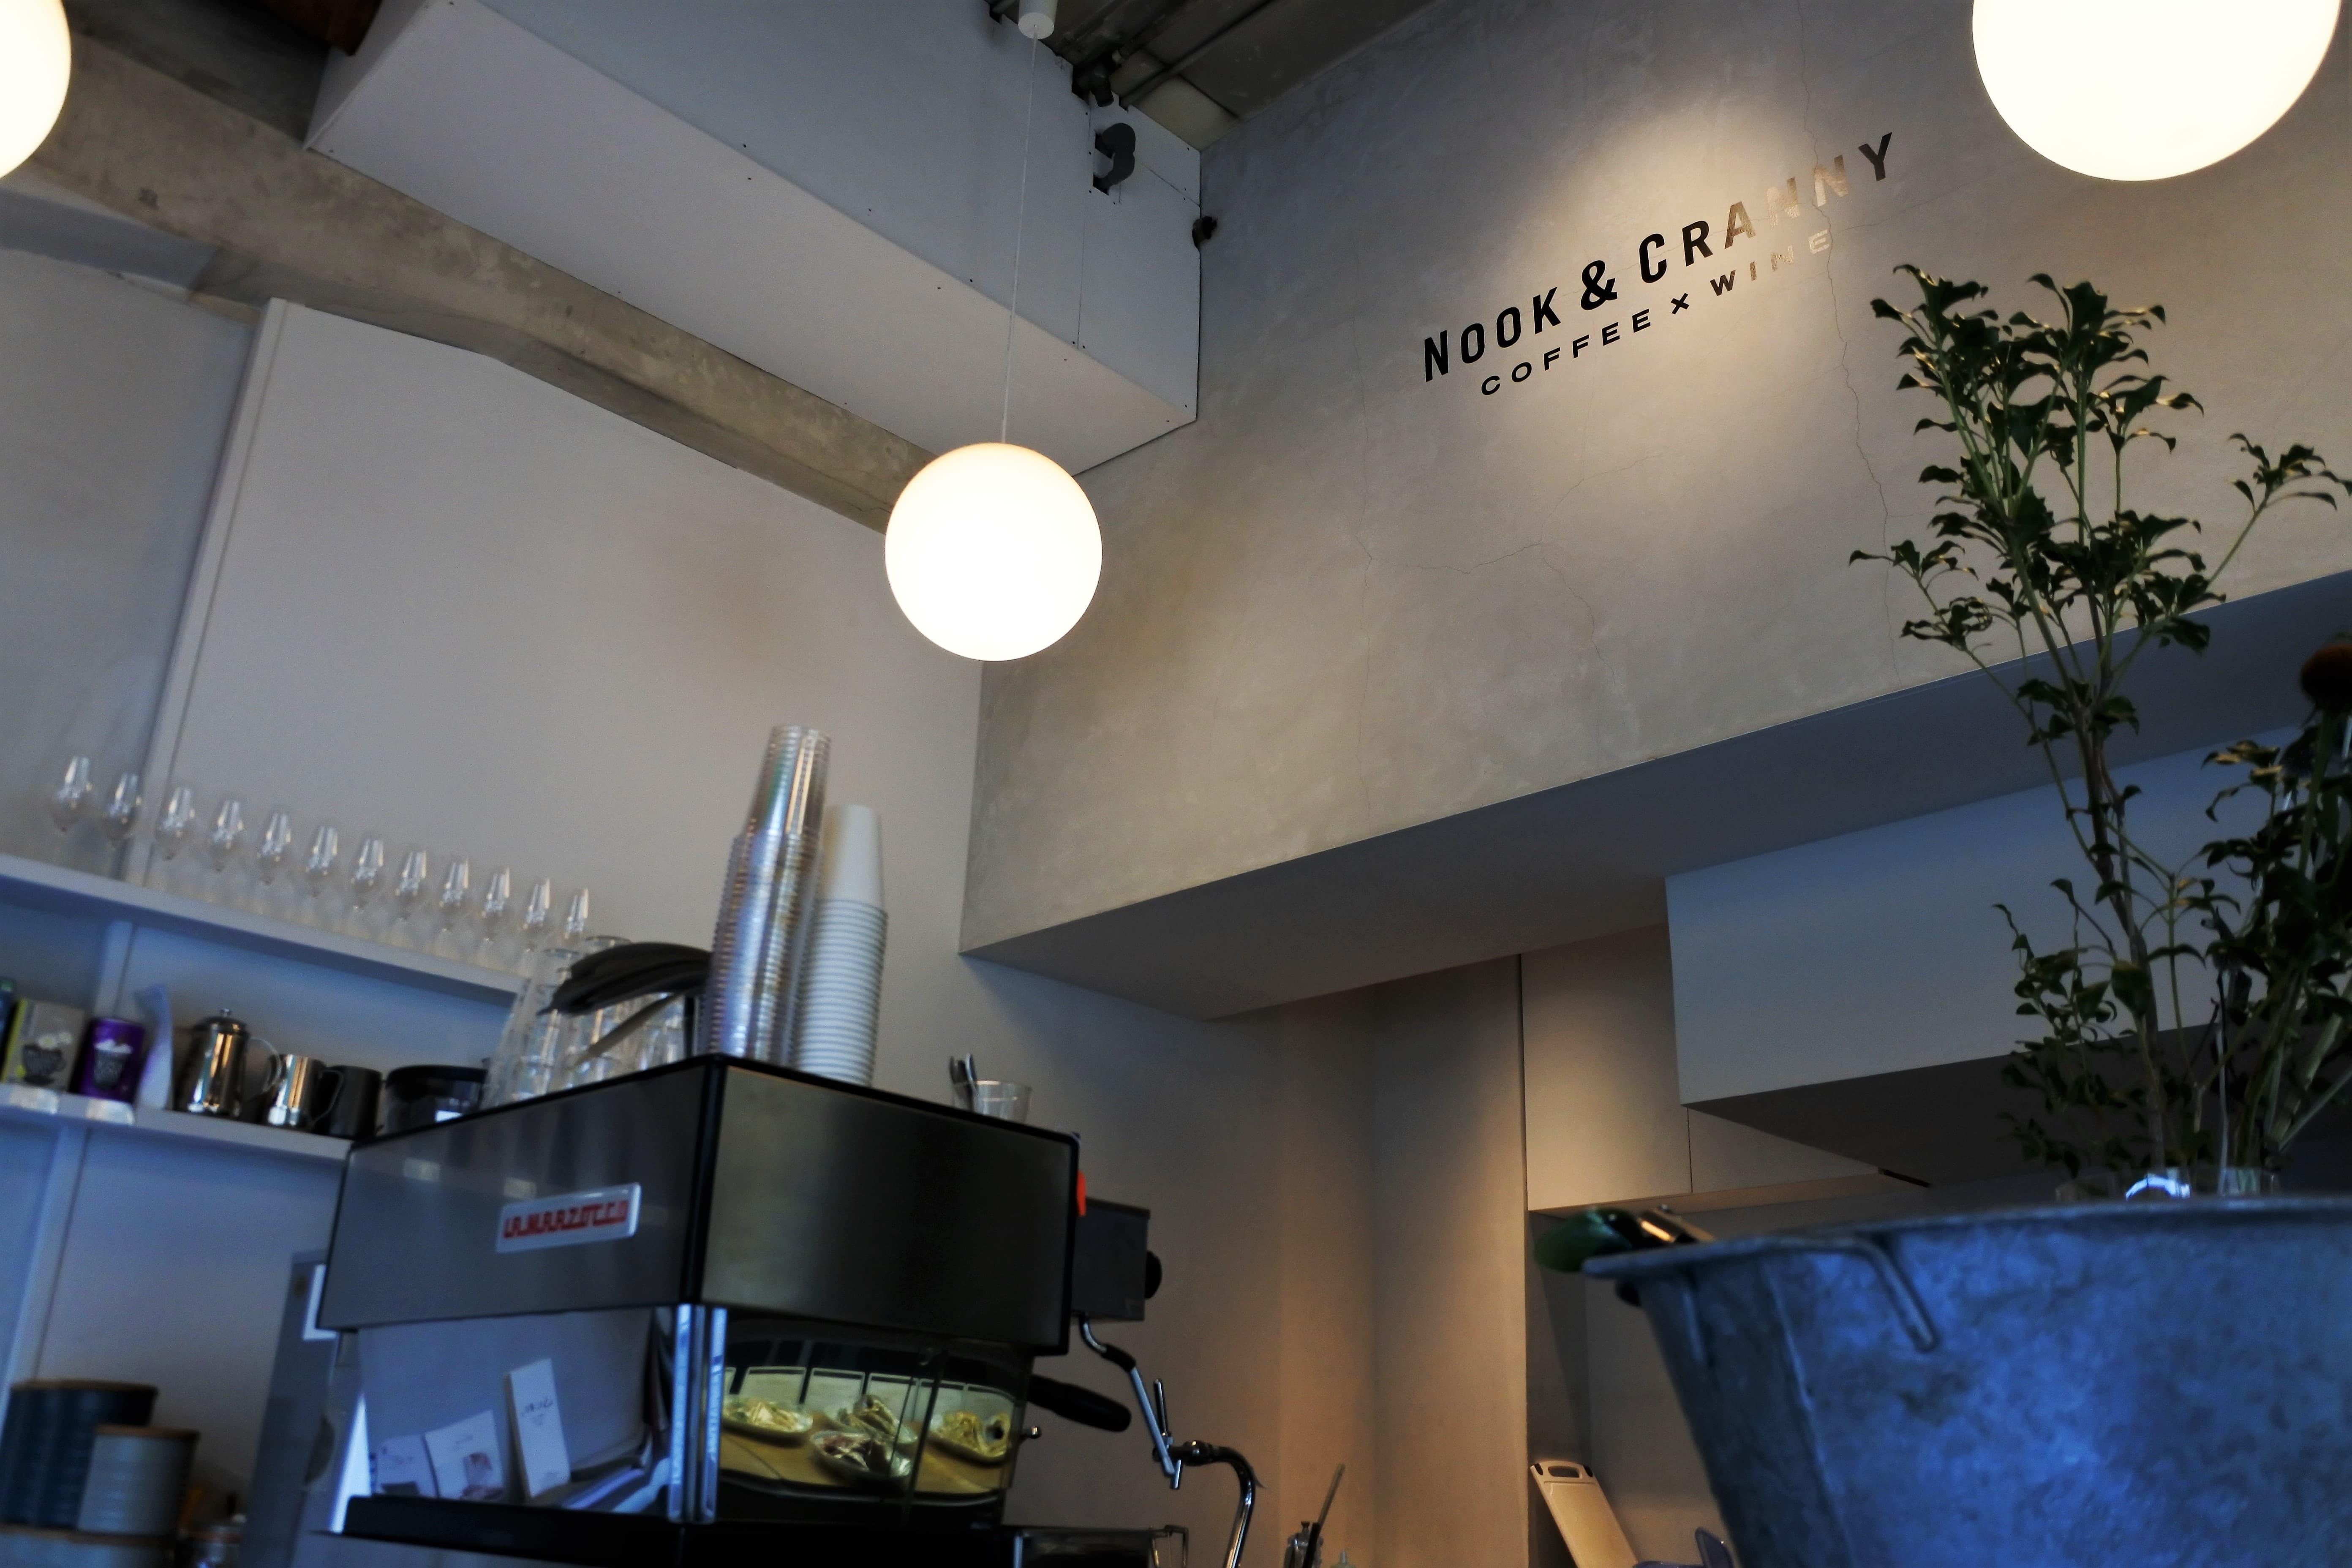 ヌークアンドクラニー nook&cranny デリ ワイン 名駅 国際センター